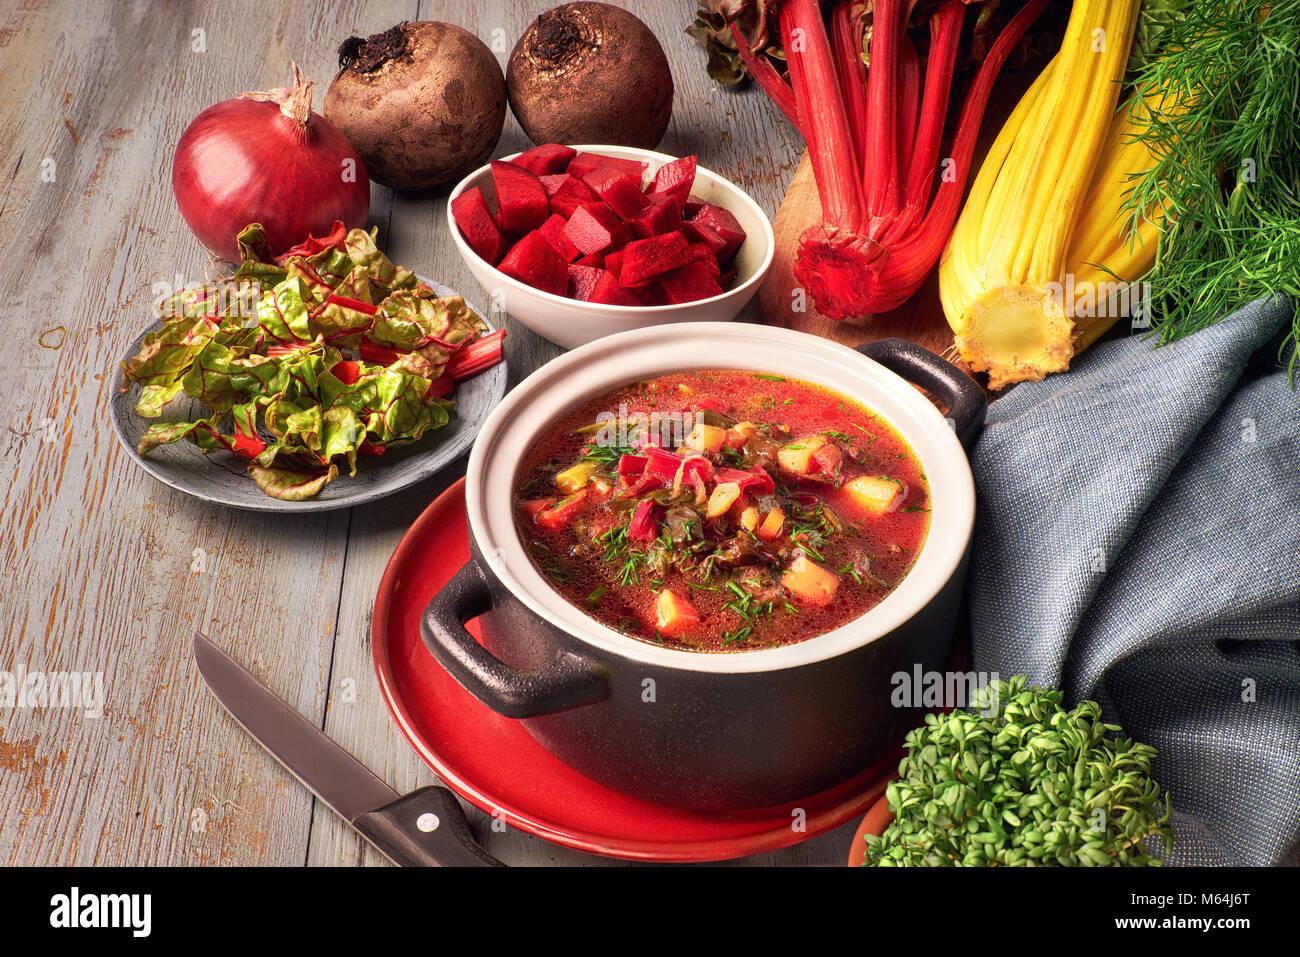 Arrière-plan de l'alimentation du printemps à la soupe aux légumes. Ingrédients: racine Photo Stock